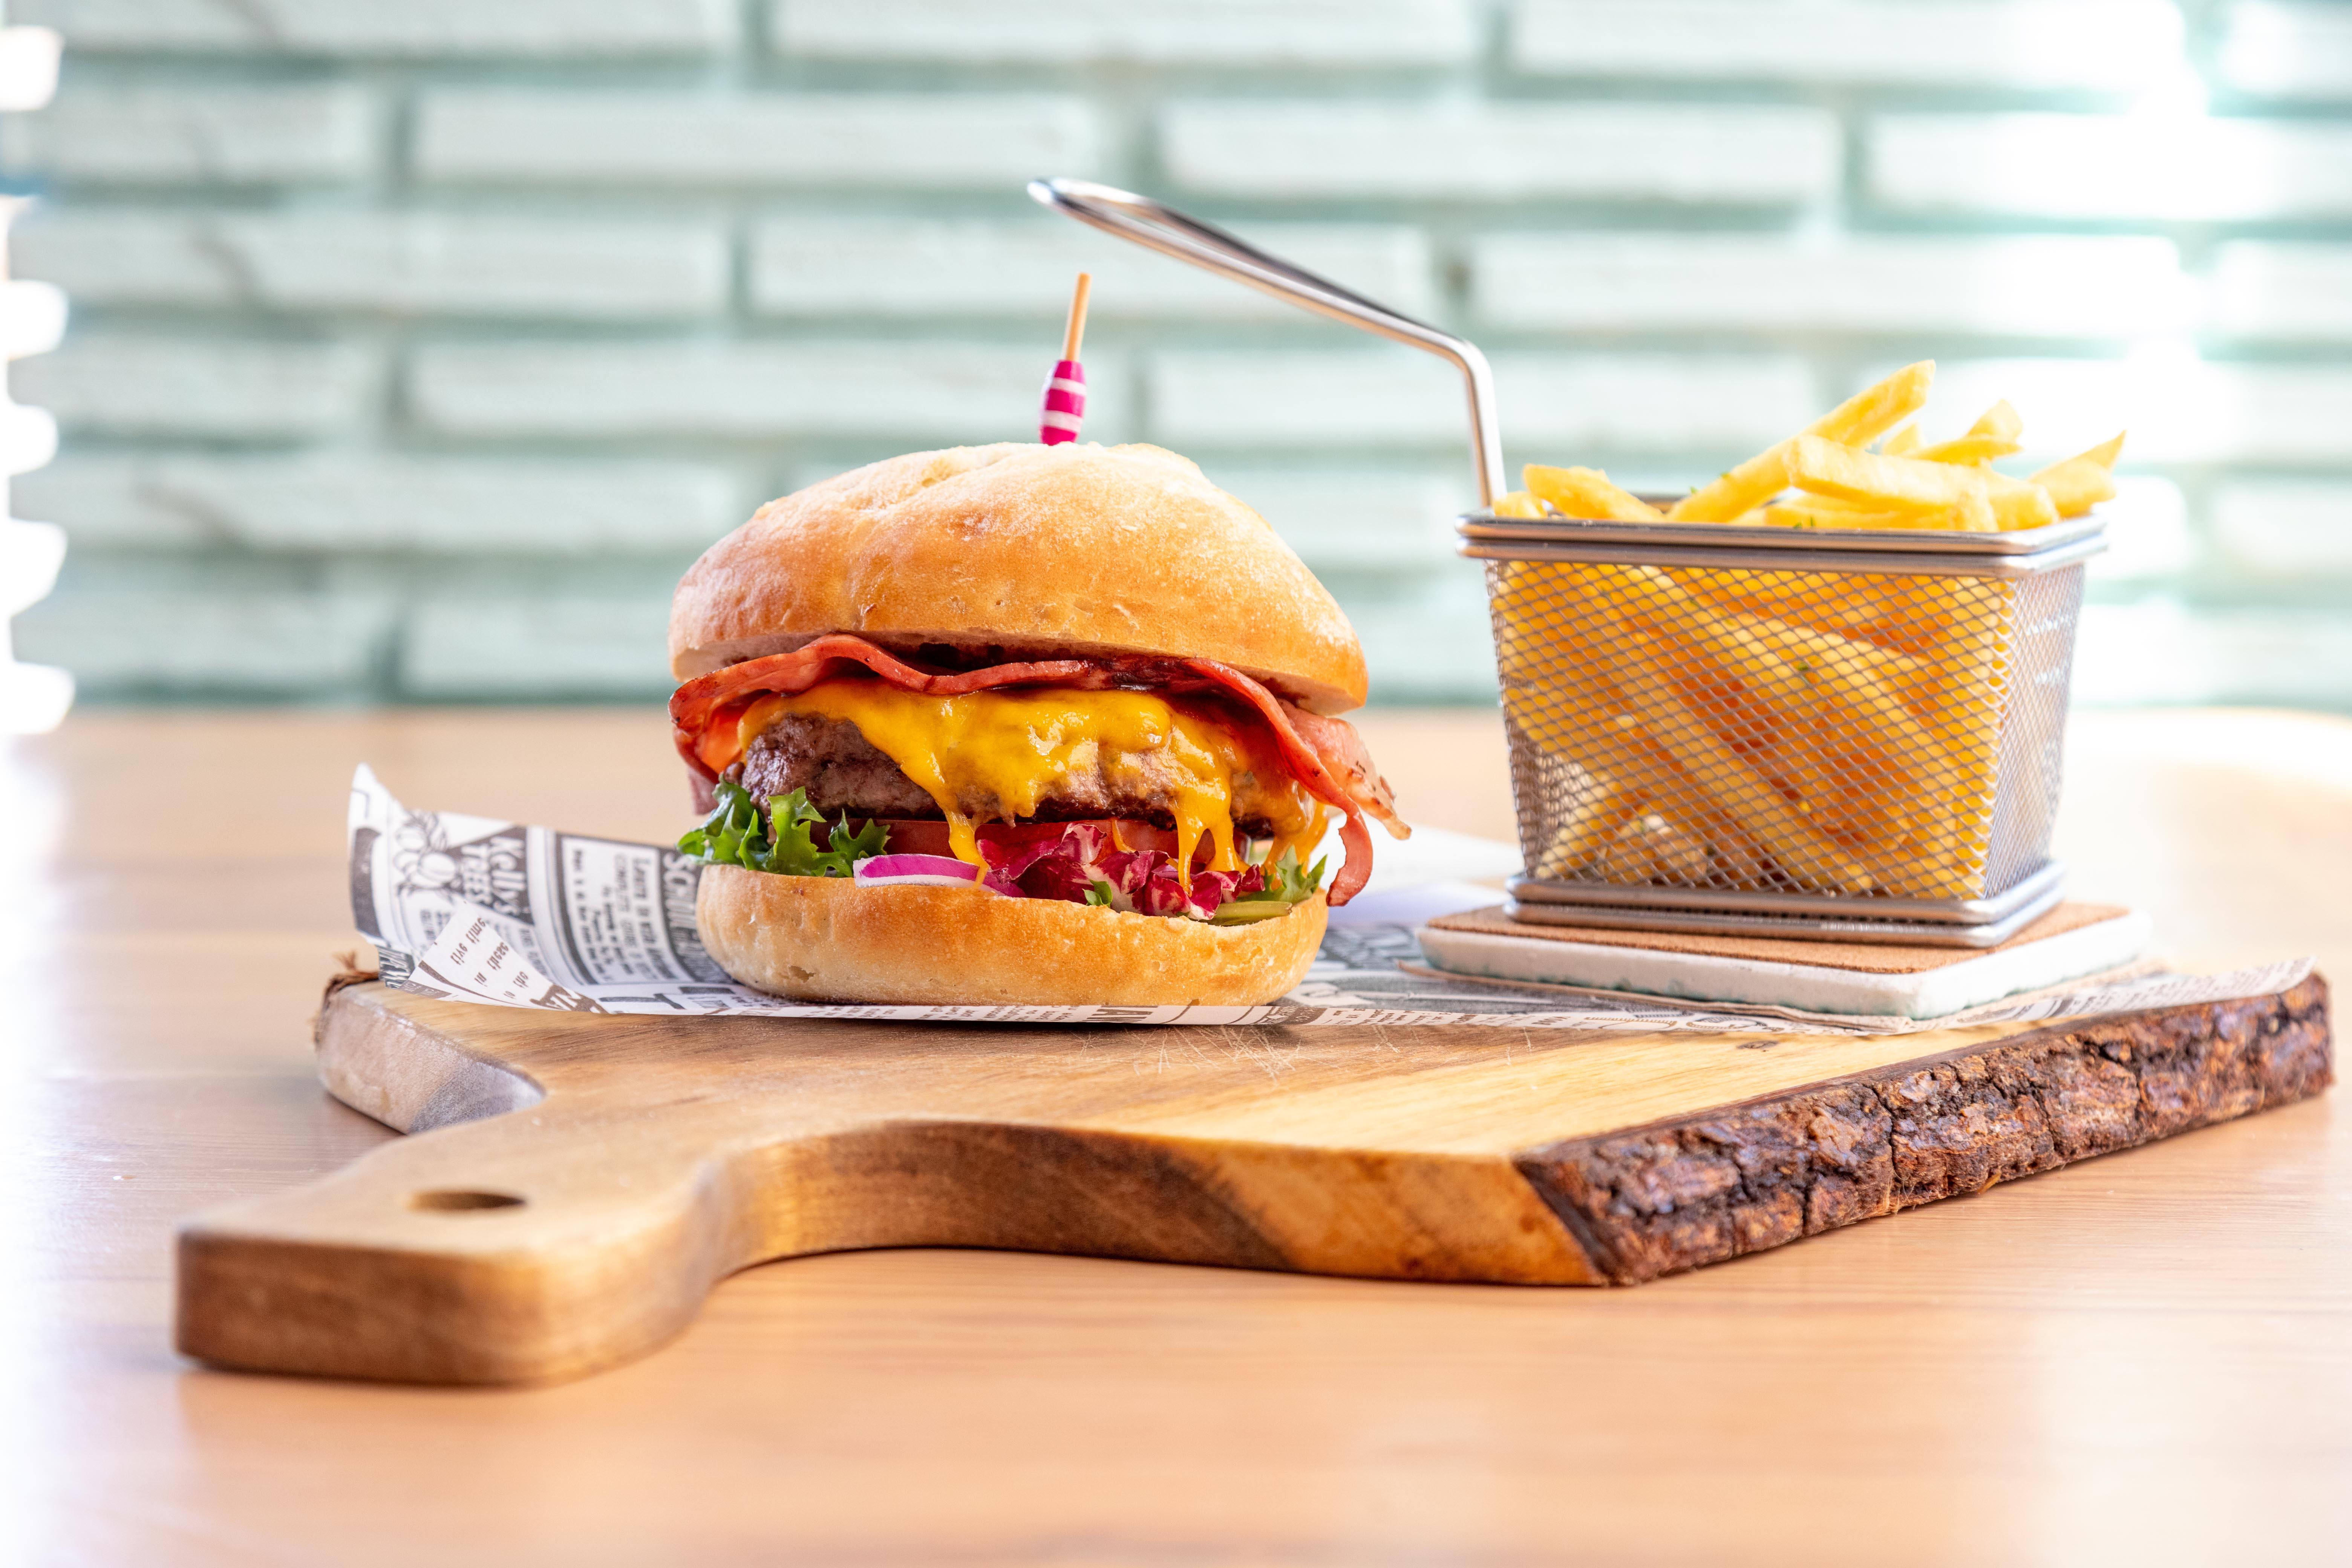 Hamburguesa con patatas a domicilio en Jávea y Moraira – Restaurante Ammos